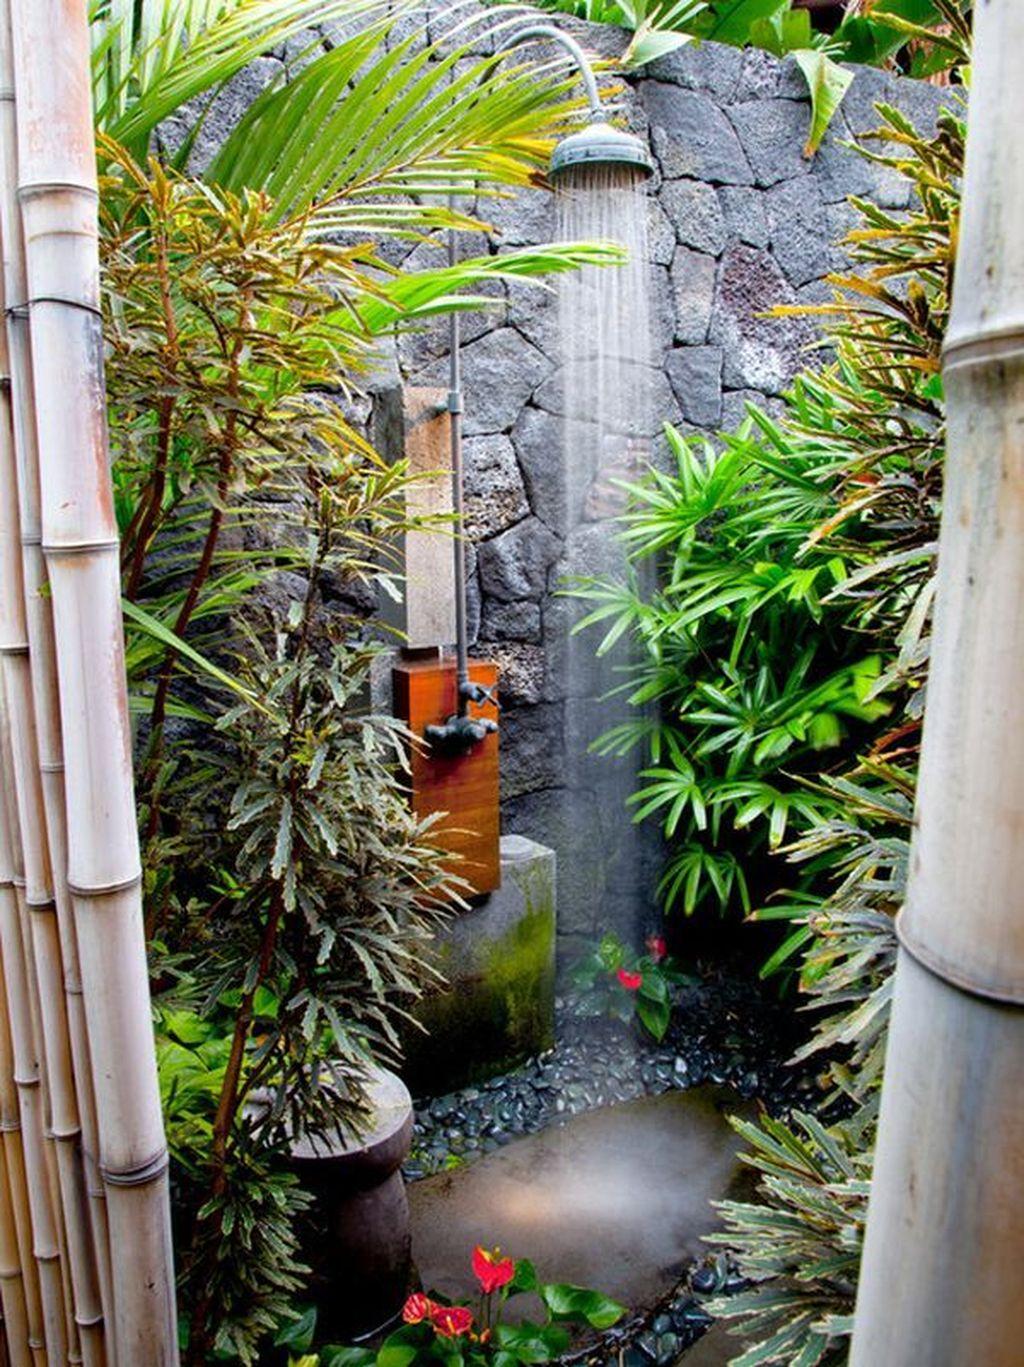 Inspiring Jungle Bathroom Decor Ideas 23